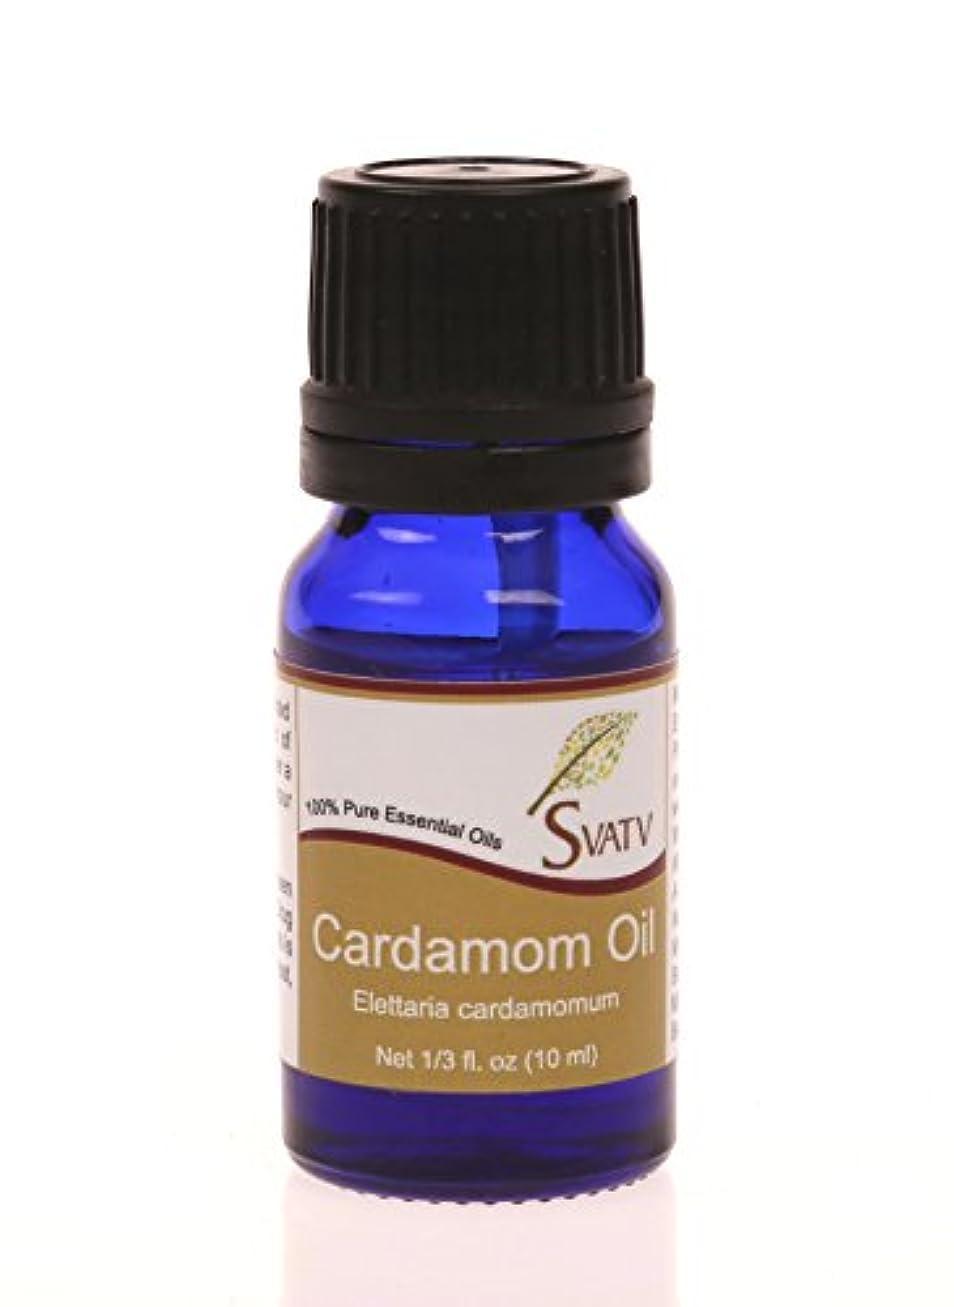 欠乏鮮やかな虫SVATVカルダモン(Elettaria cardamomum)エッセンシャルオイル10mL(1/3オンス)100%純粋で無希釈、治療グレード